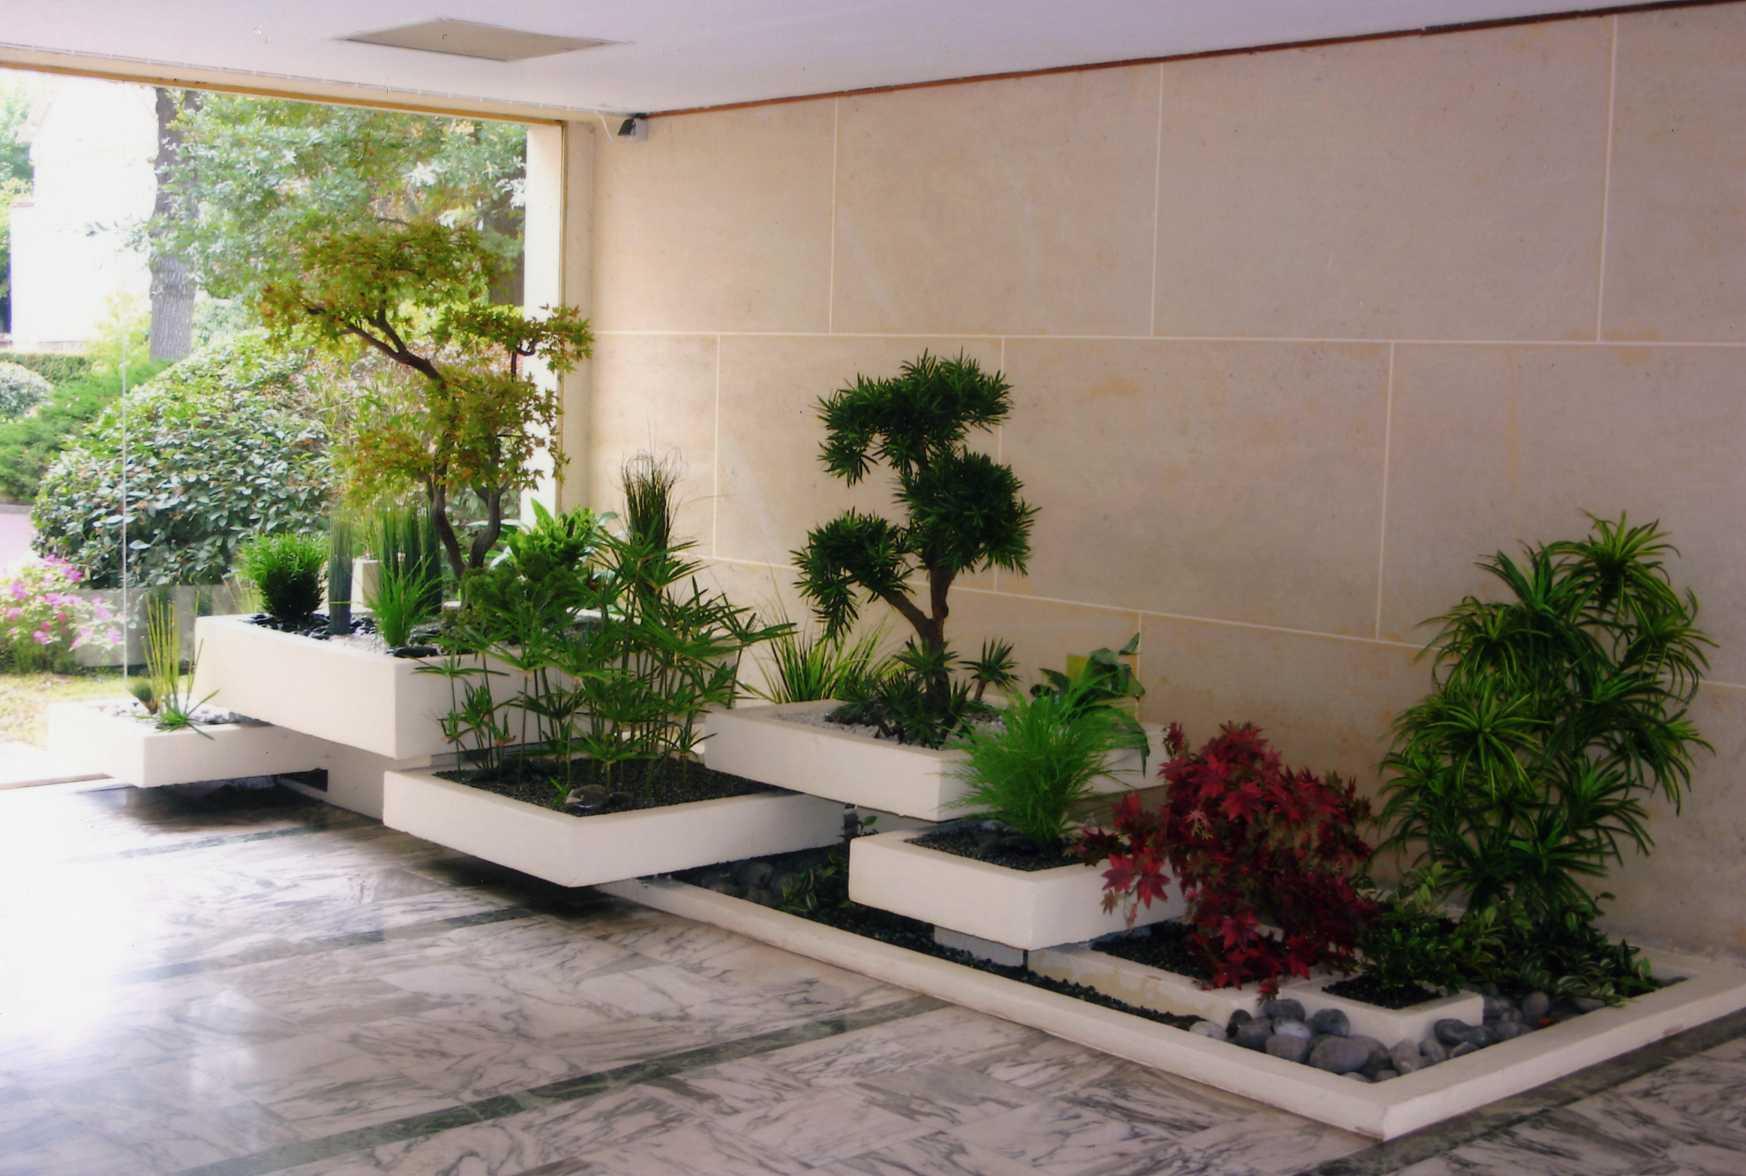 Deco Exterieur Design Des Pros Pour Aménager Votre Terrasse ... à Deco Design Jardin Terrasse